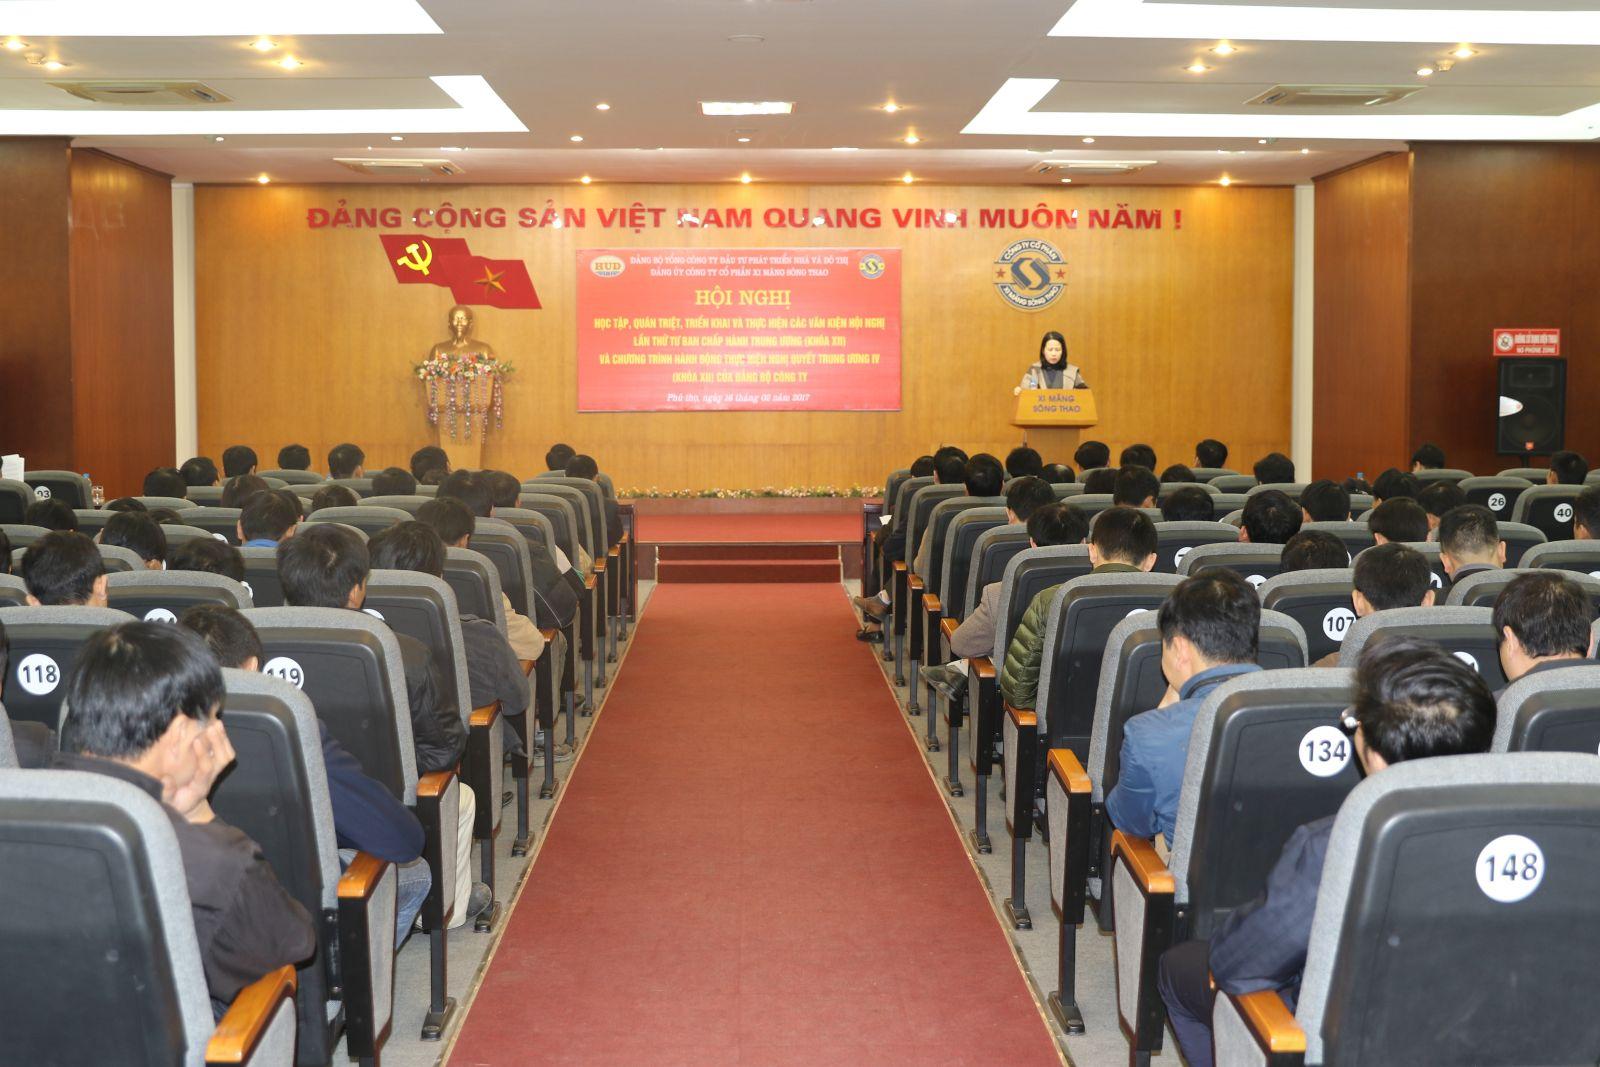 Đảng ủy Công ty cổ phần xi măng Sông Thao tổ chức Hội nghị học tập, quán triệt triển khai Nghị quyết Hội nghị Trung ương 4 khóa XII